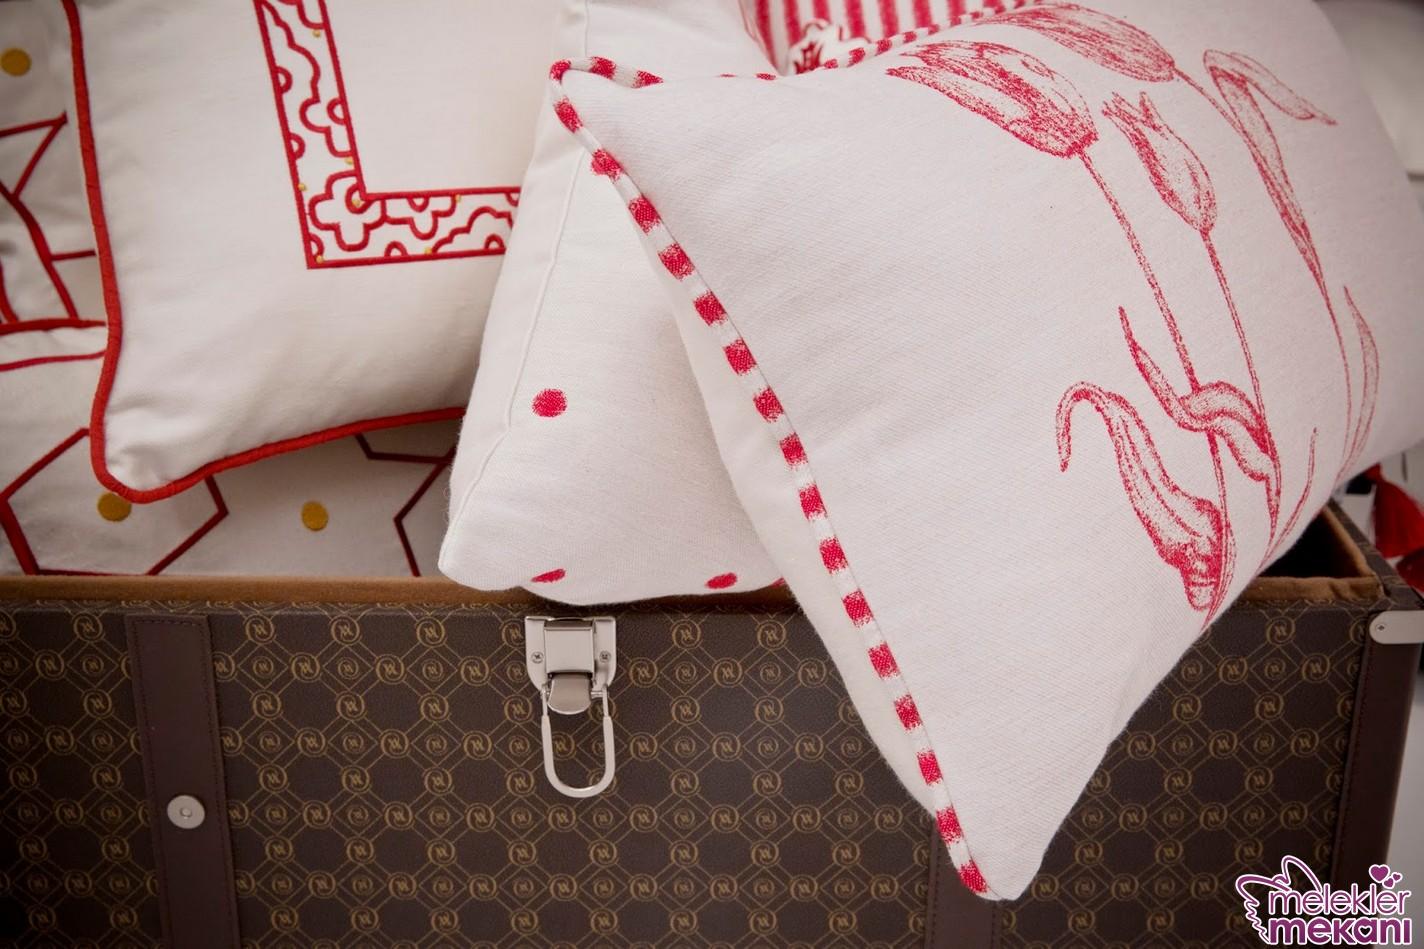 Vakko Home yastıkları ile ev dekorasyonlarınıza dekoratif zenginlik katabileceksiniz.